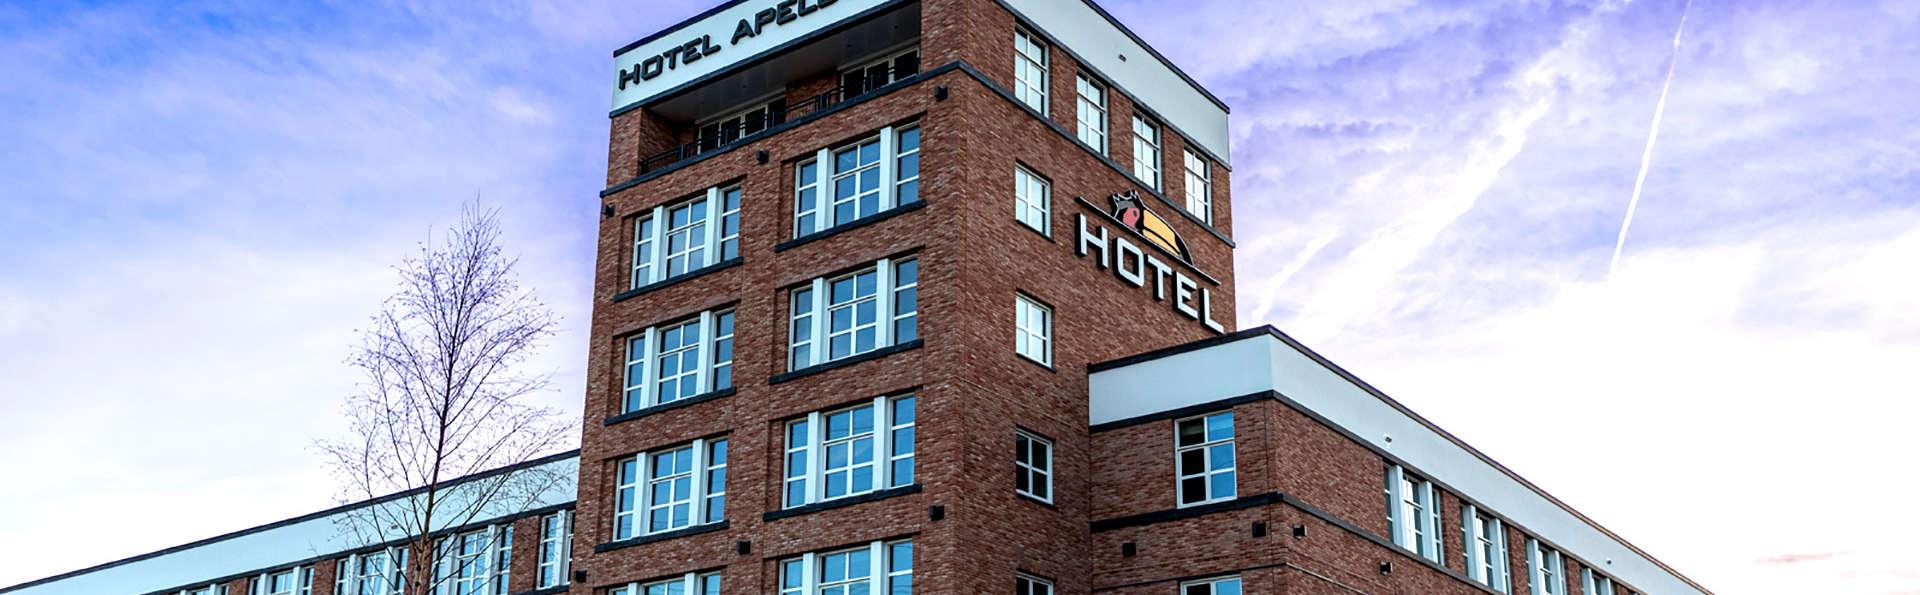 Van der Valk Hotel Apeldoorn - Edit_Front2.jpg